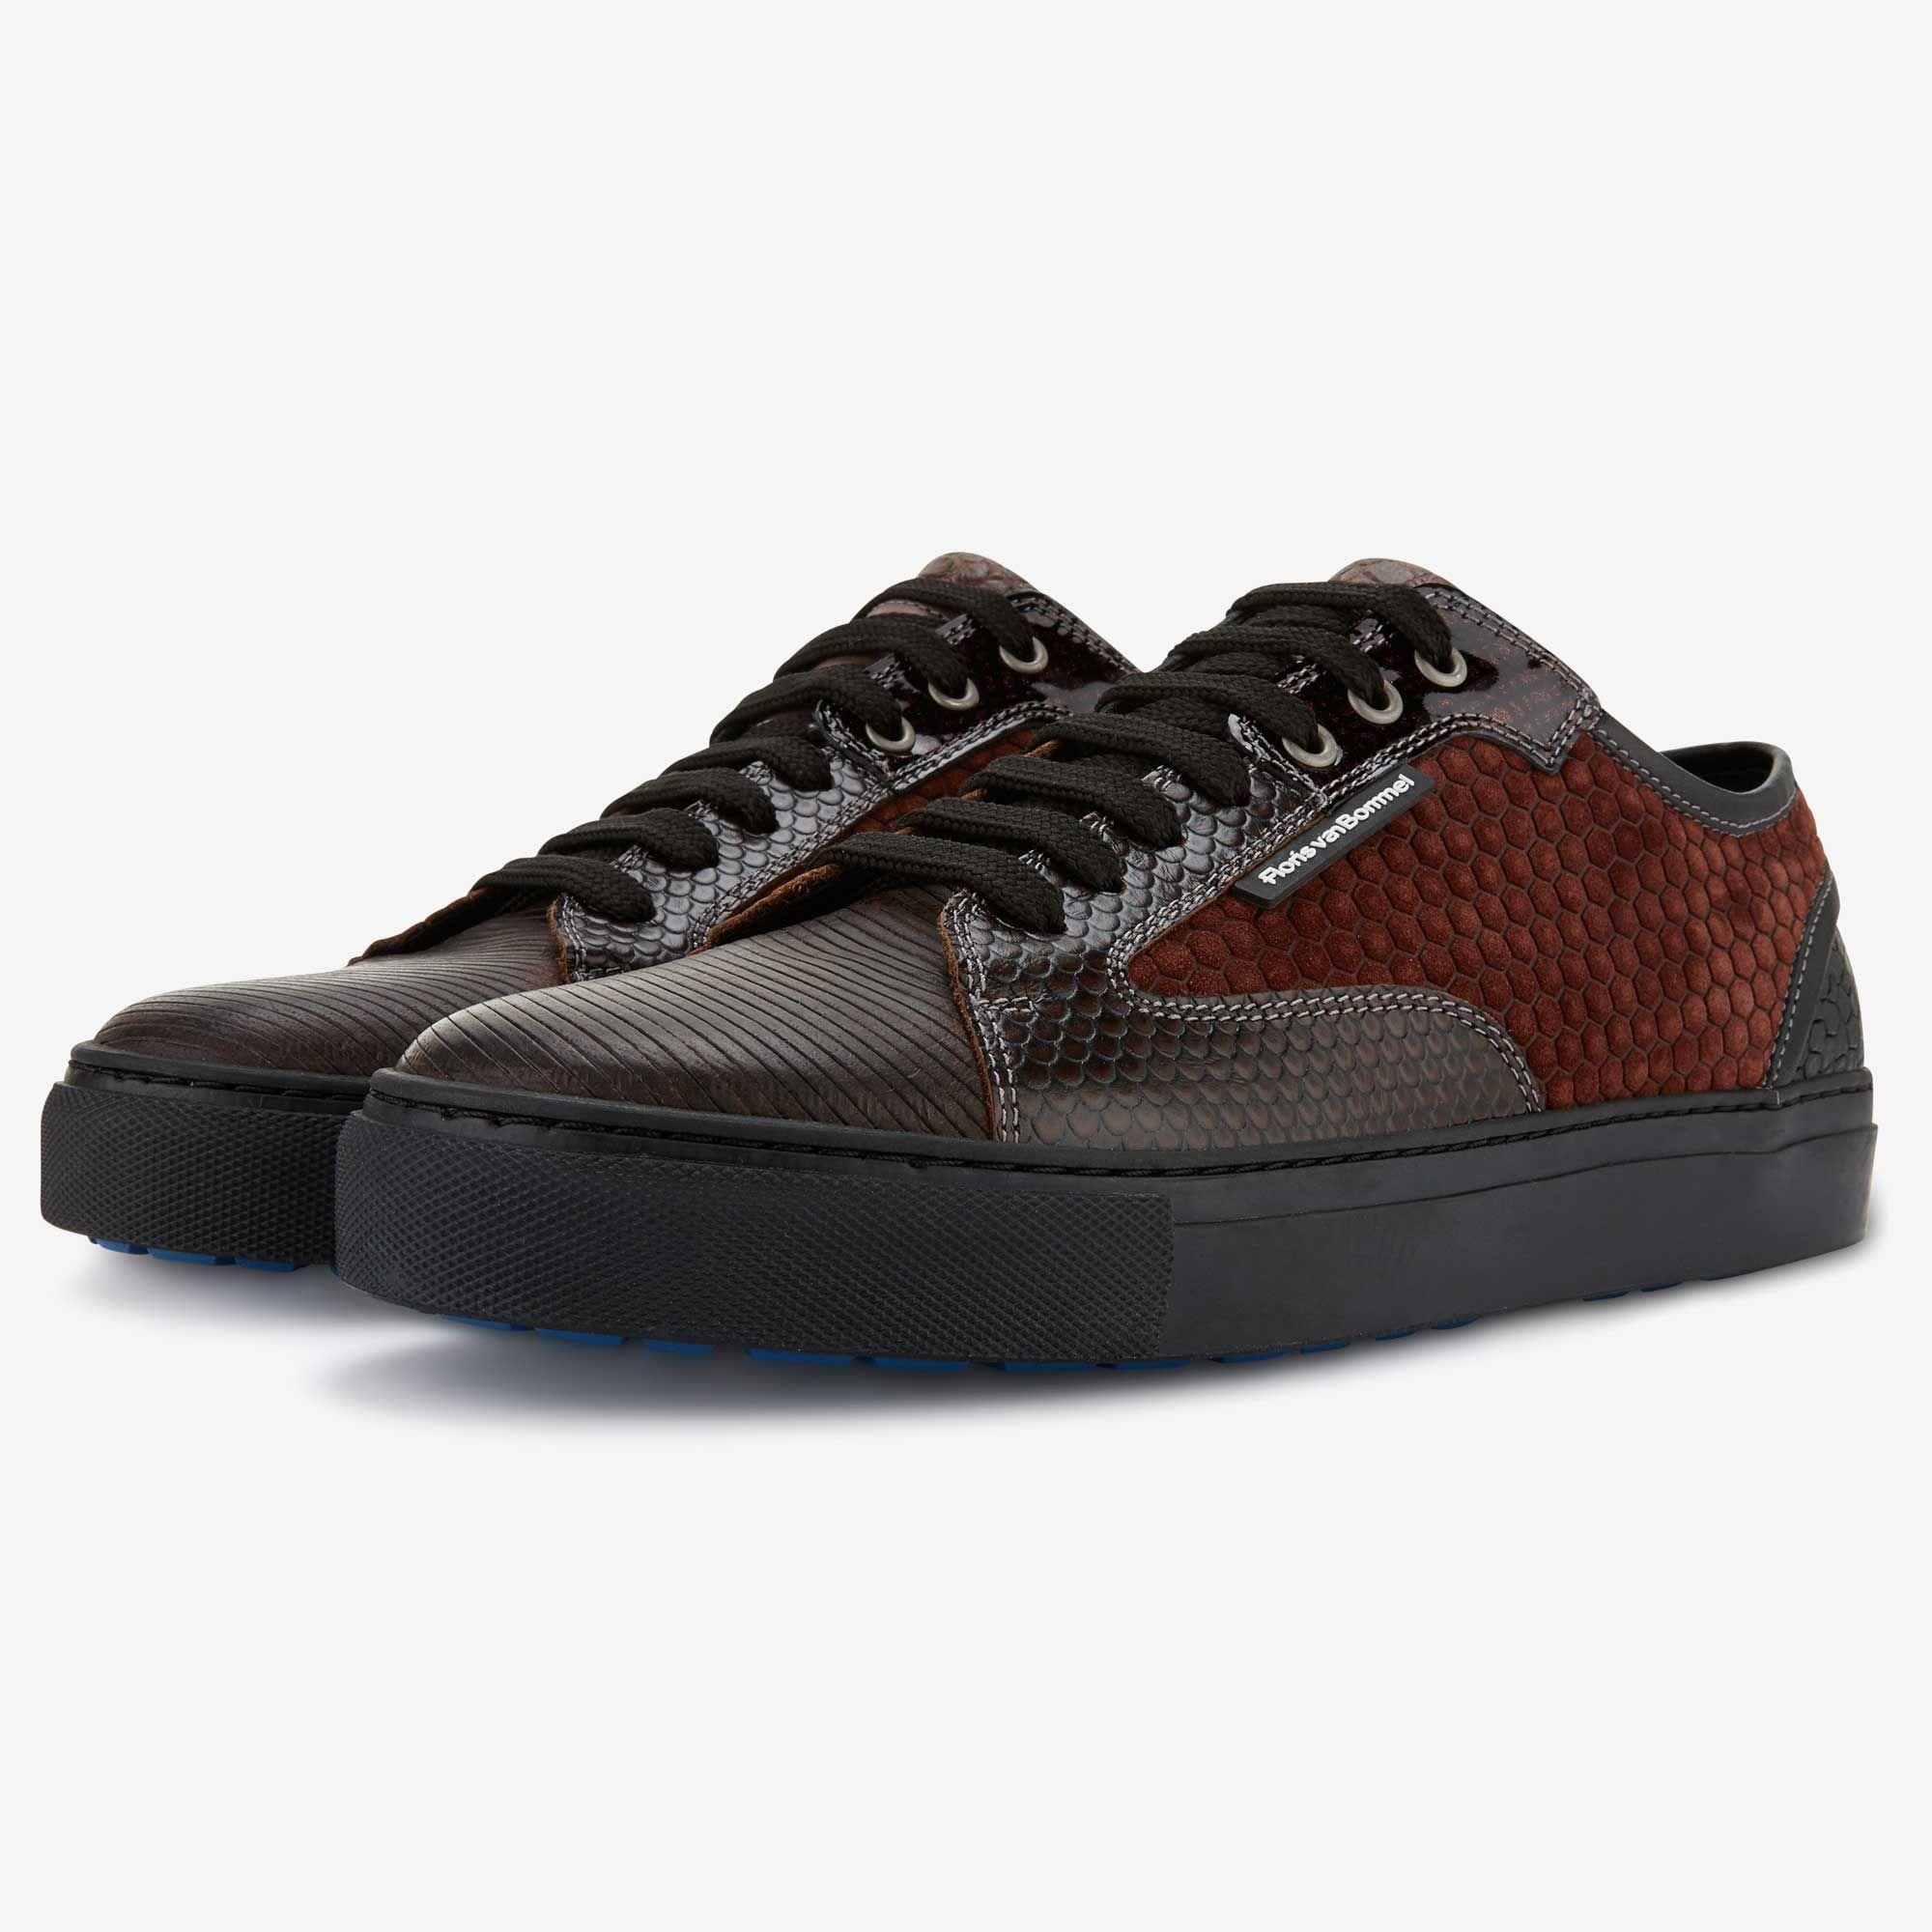 Dark Brown Leather Men S Sneaker 14319 03 Floris Van Bommel Shoes Mens Mens Shoes Online Men S Shoes